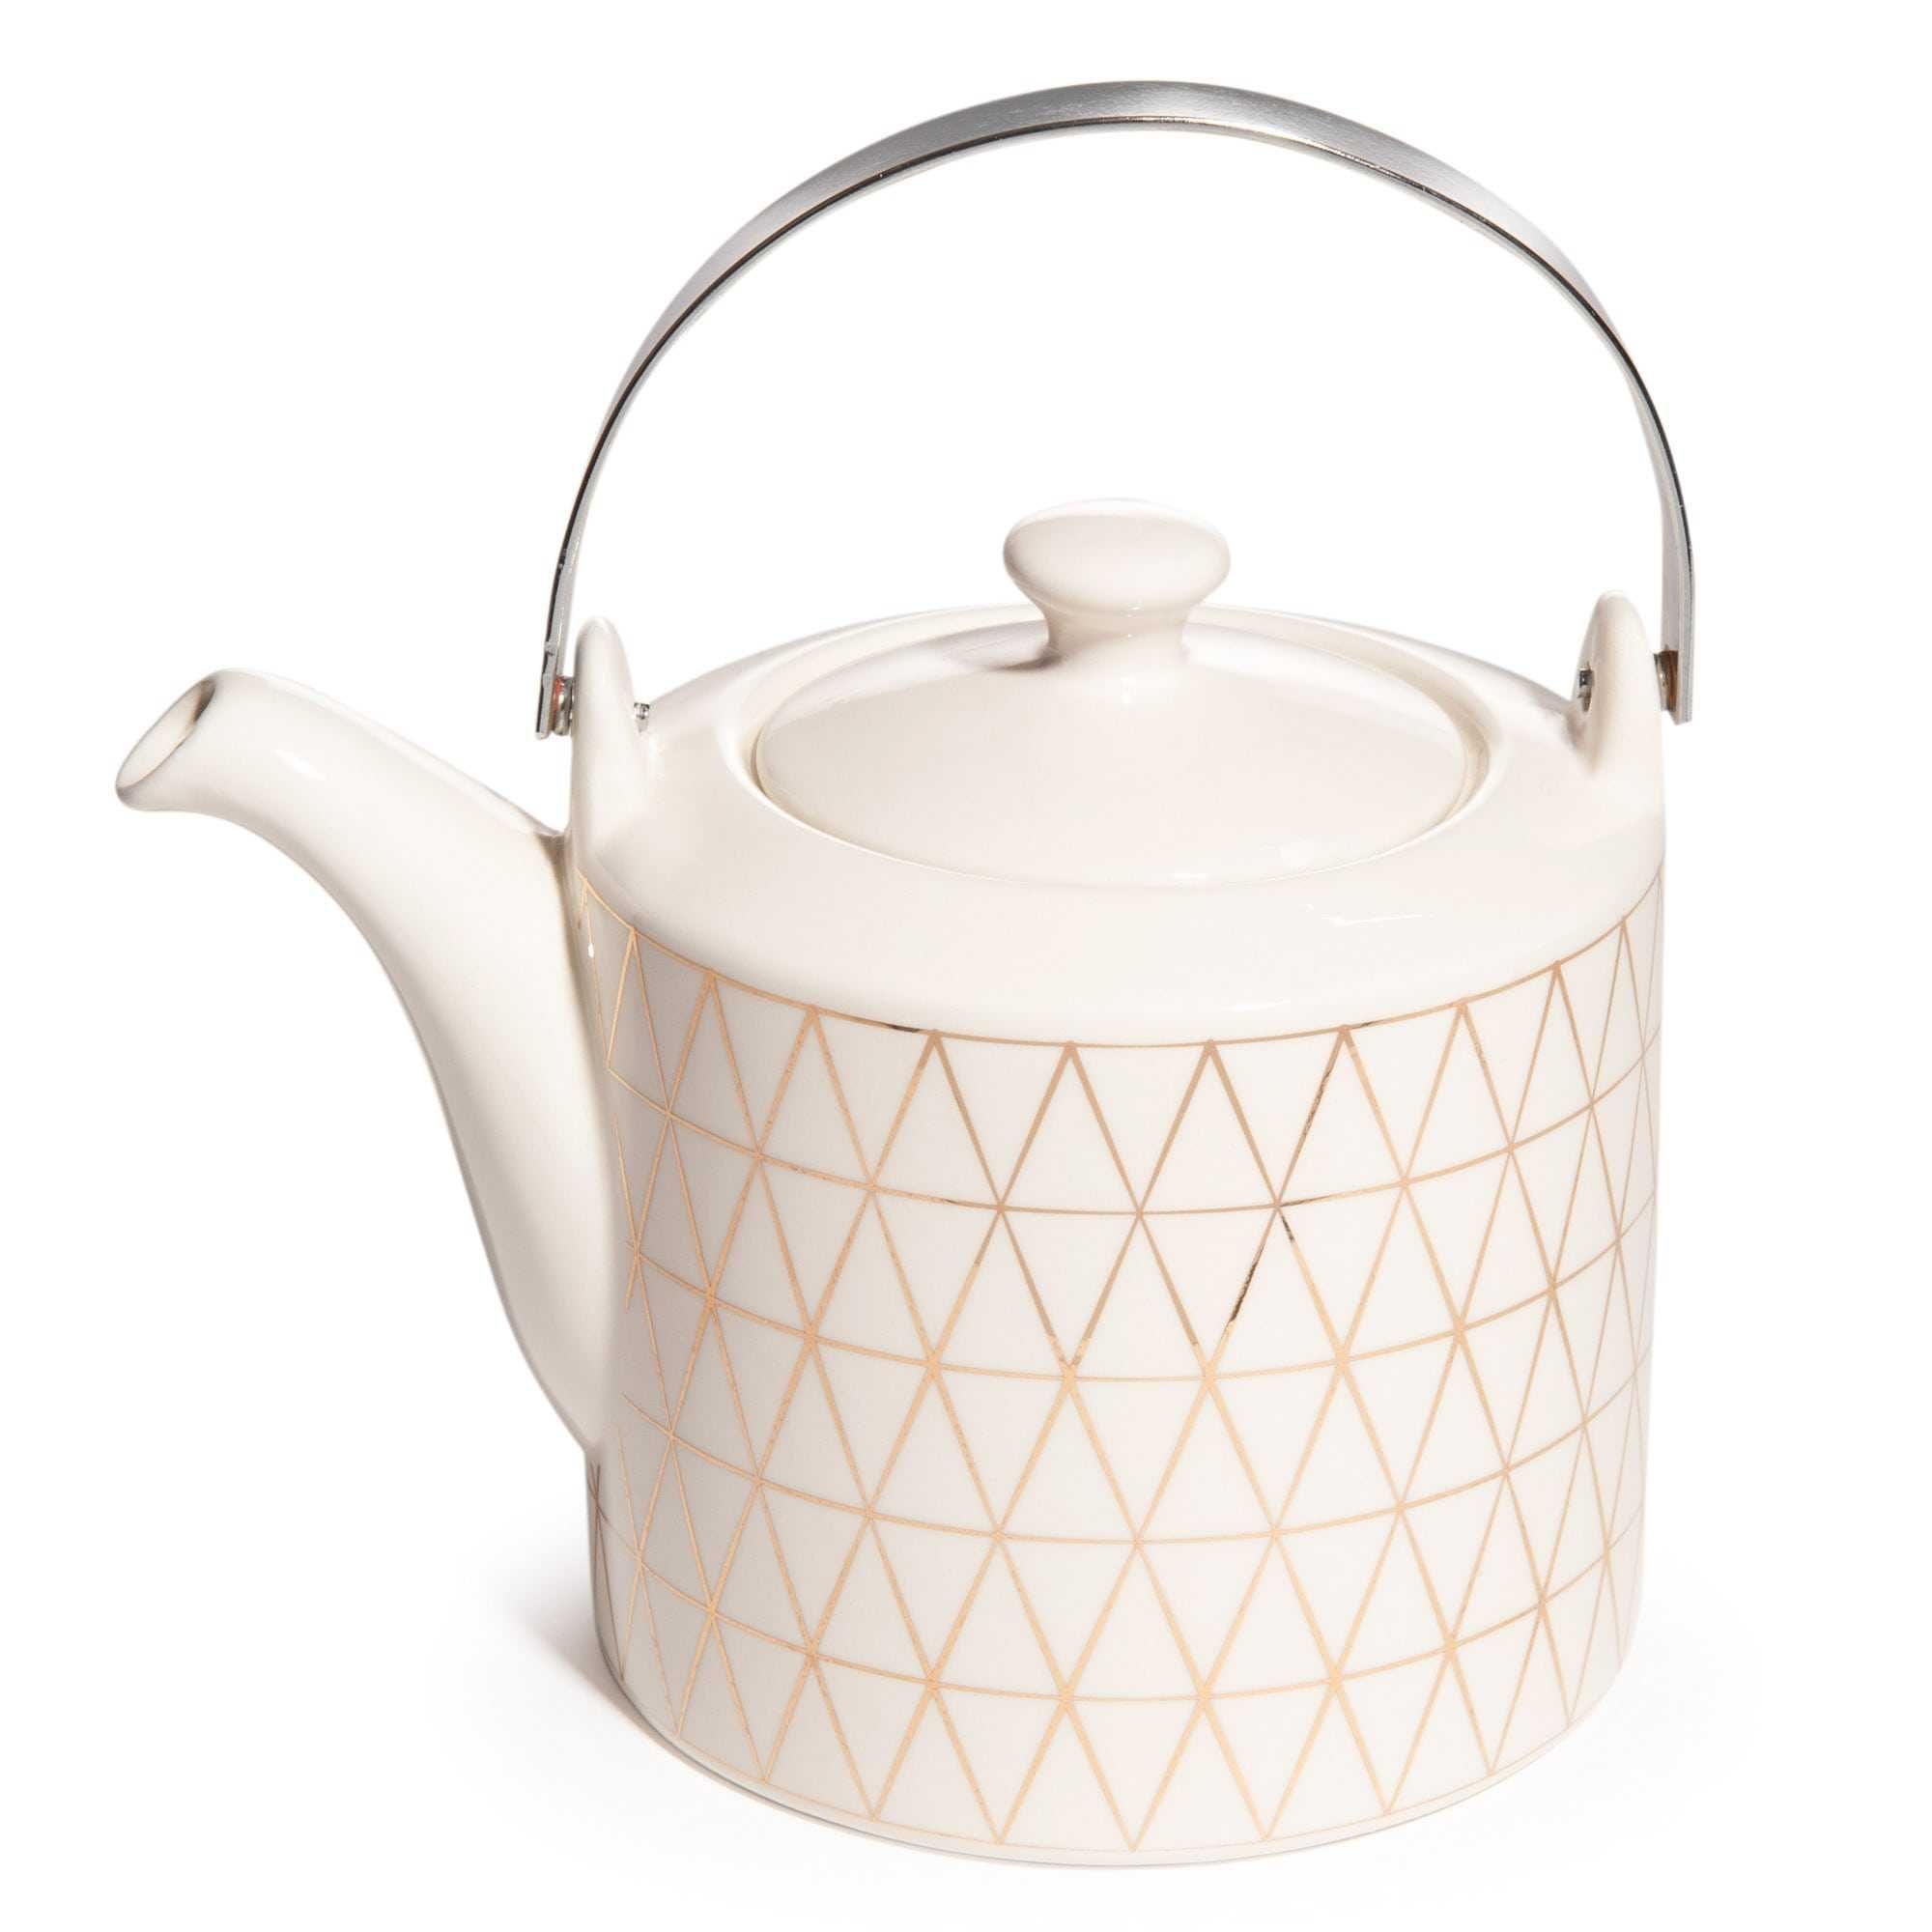 Weiße Teekanne weiße teekanne aus fayence copper wunschliste wishlist